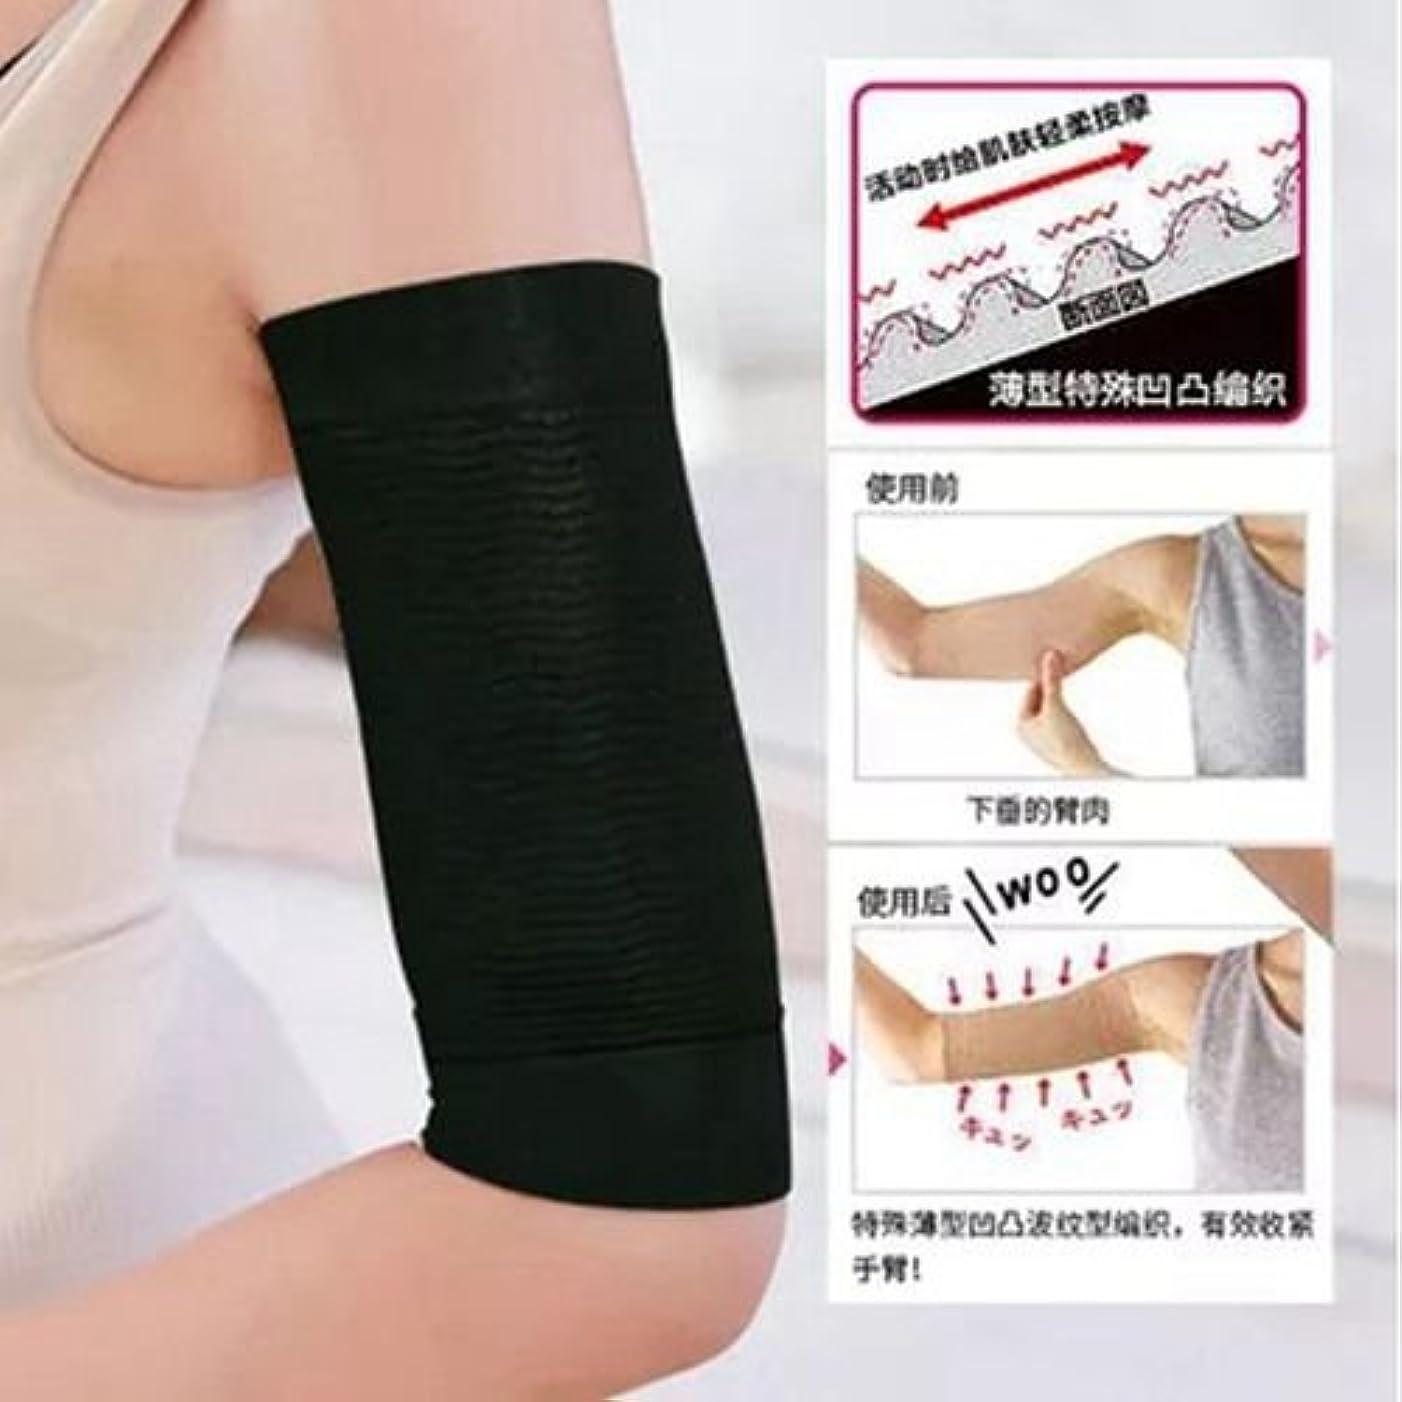 辛なプラスチック眠っているThreeCat ダイエット 腕2枚組 420D マッサージ 脂肪燃焼 バストアップレディース 女性 二の腕シェイパー size 20~30cm (ベージュ)